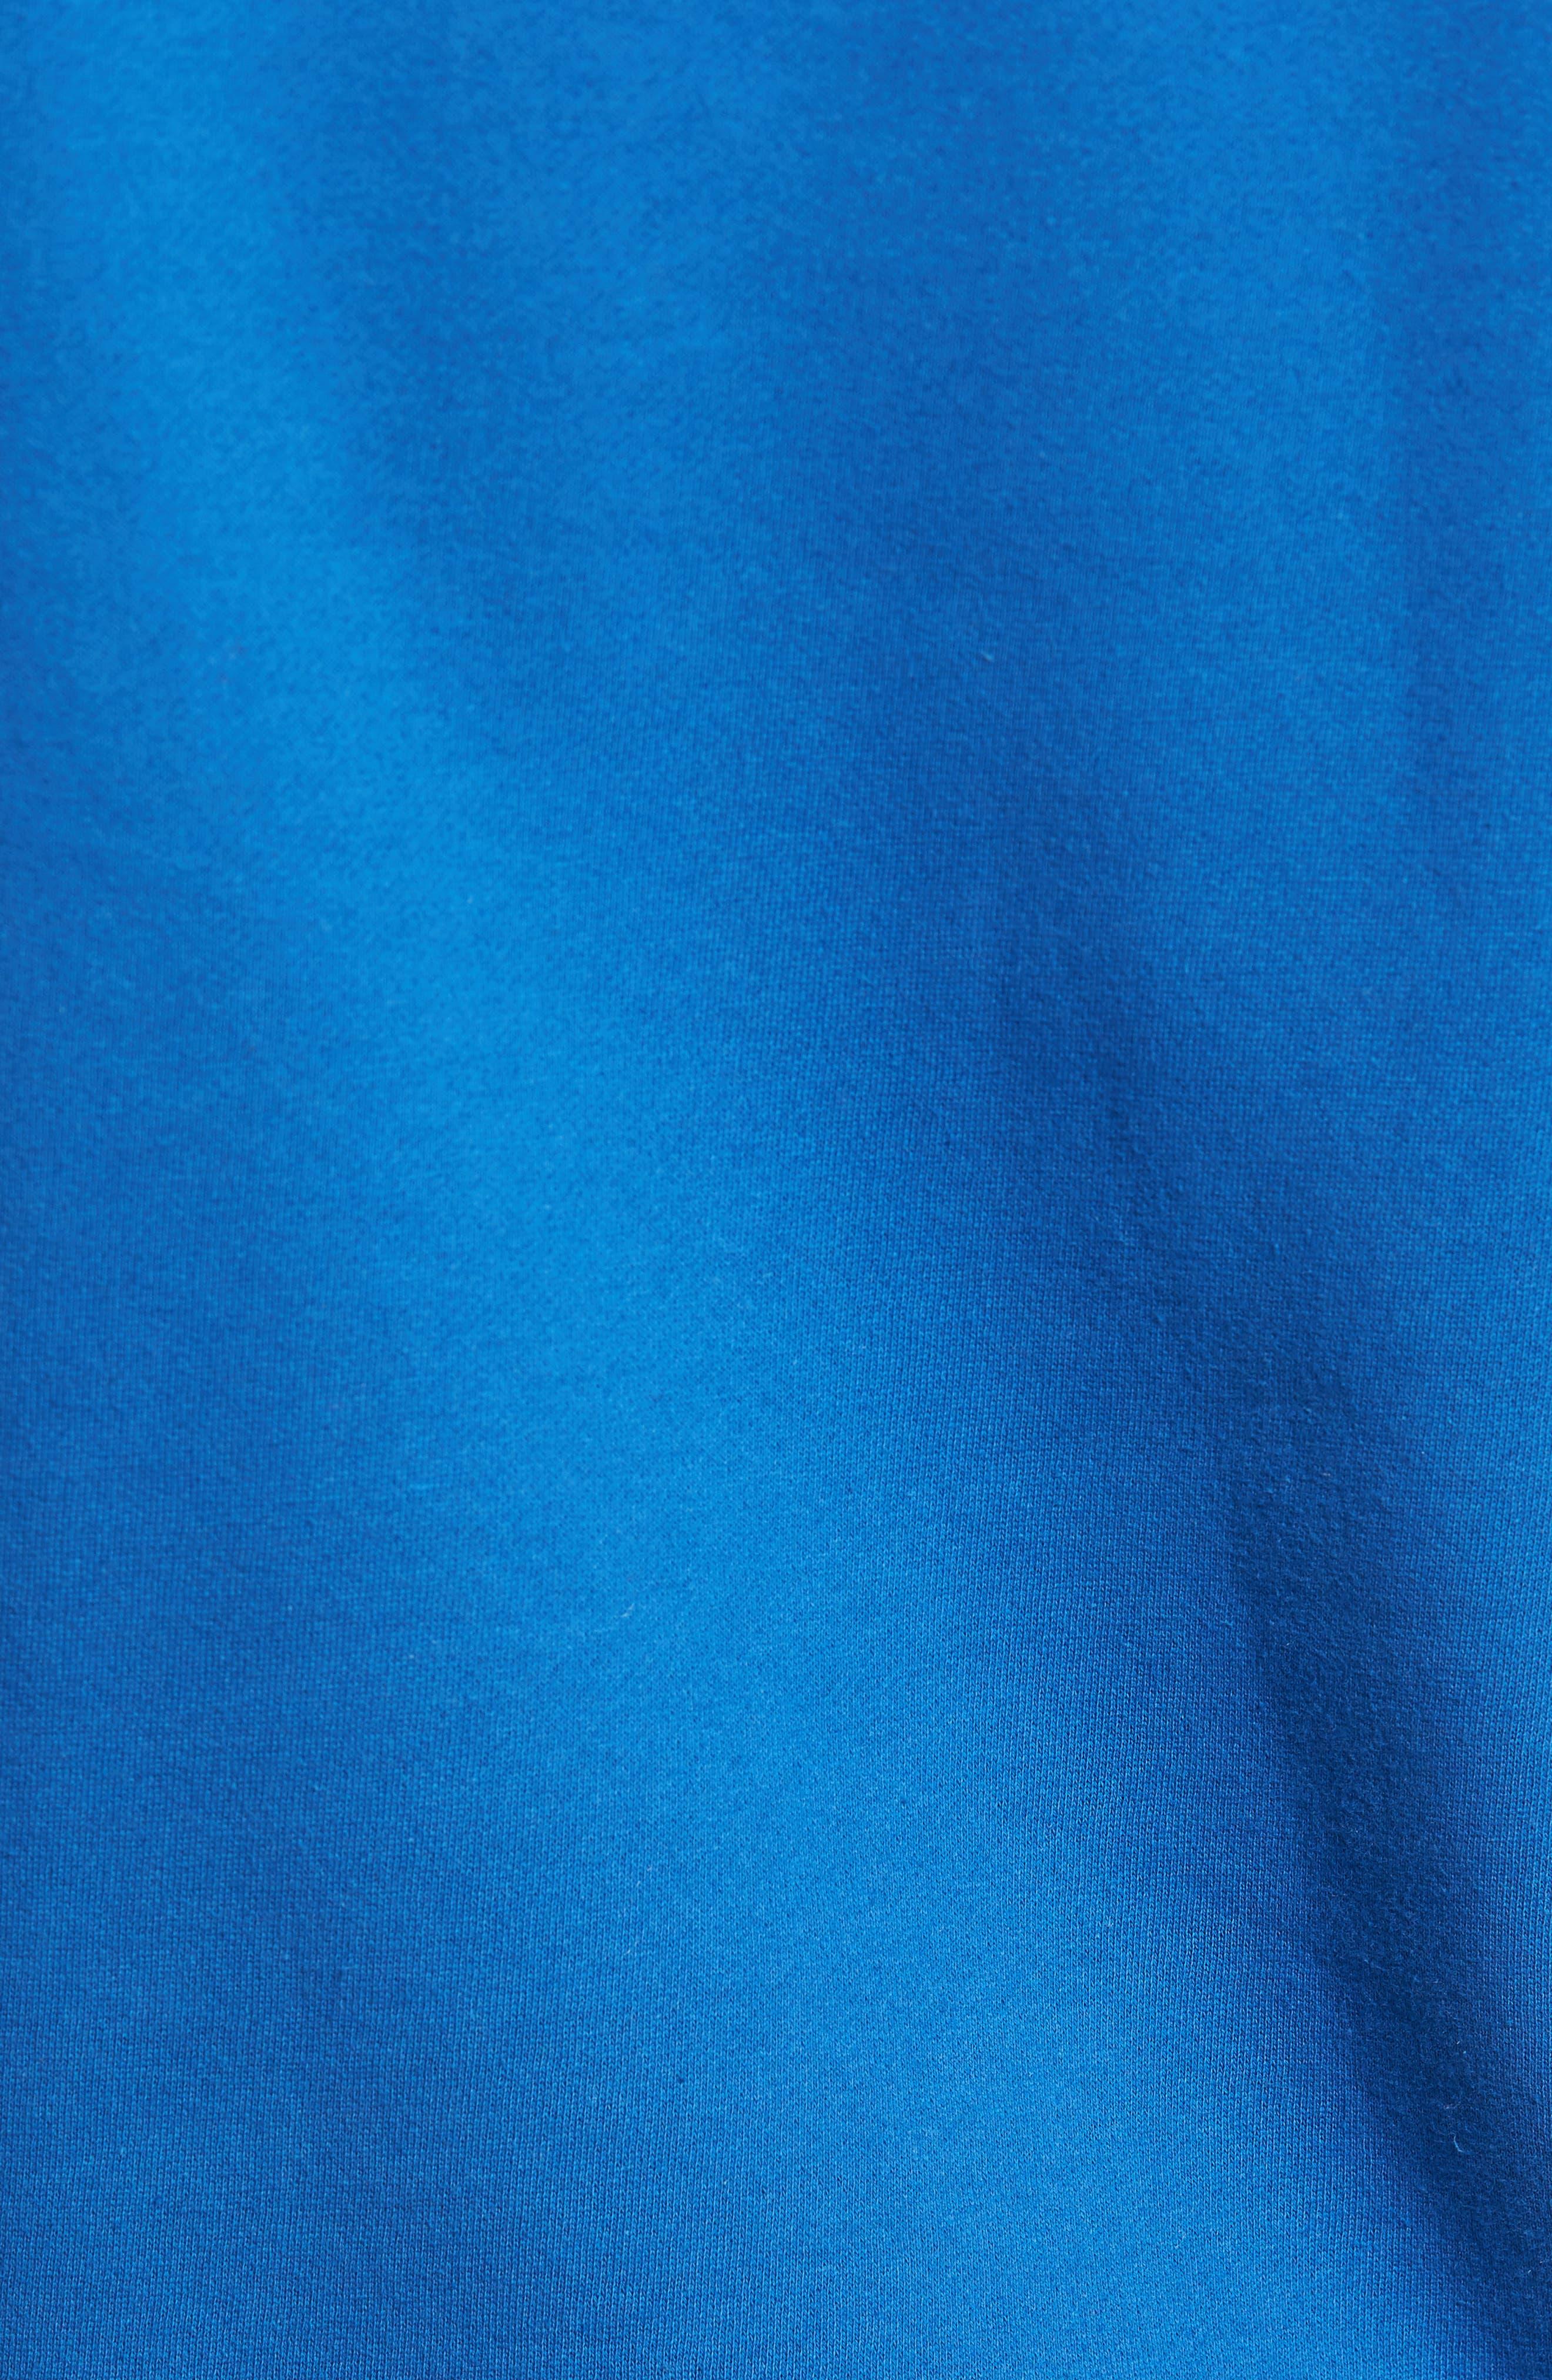 Alternate Reality Hoodie Sweatshirt,                             Alternate thumbnail 5, color,                             435